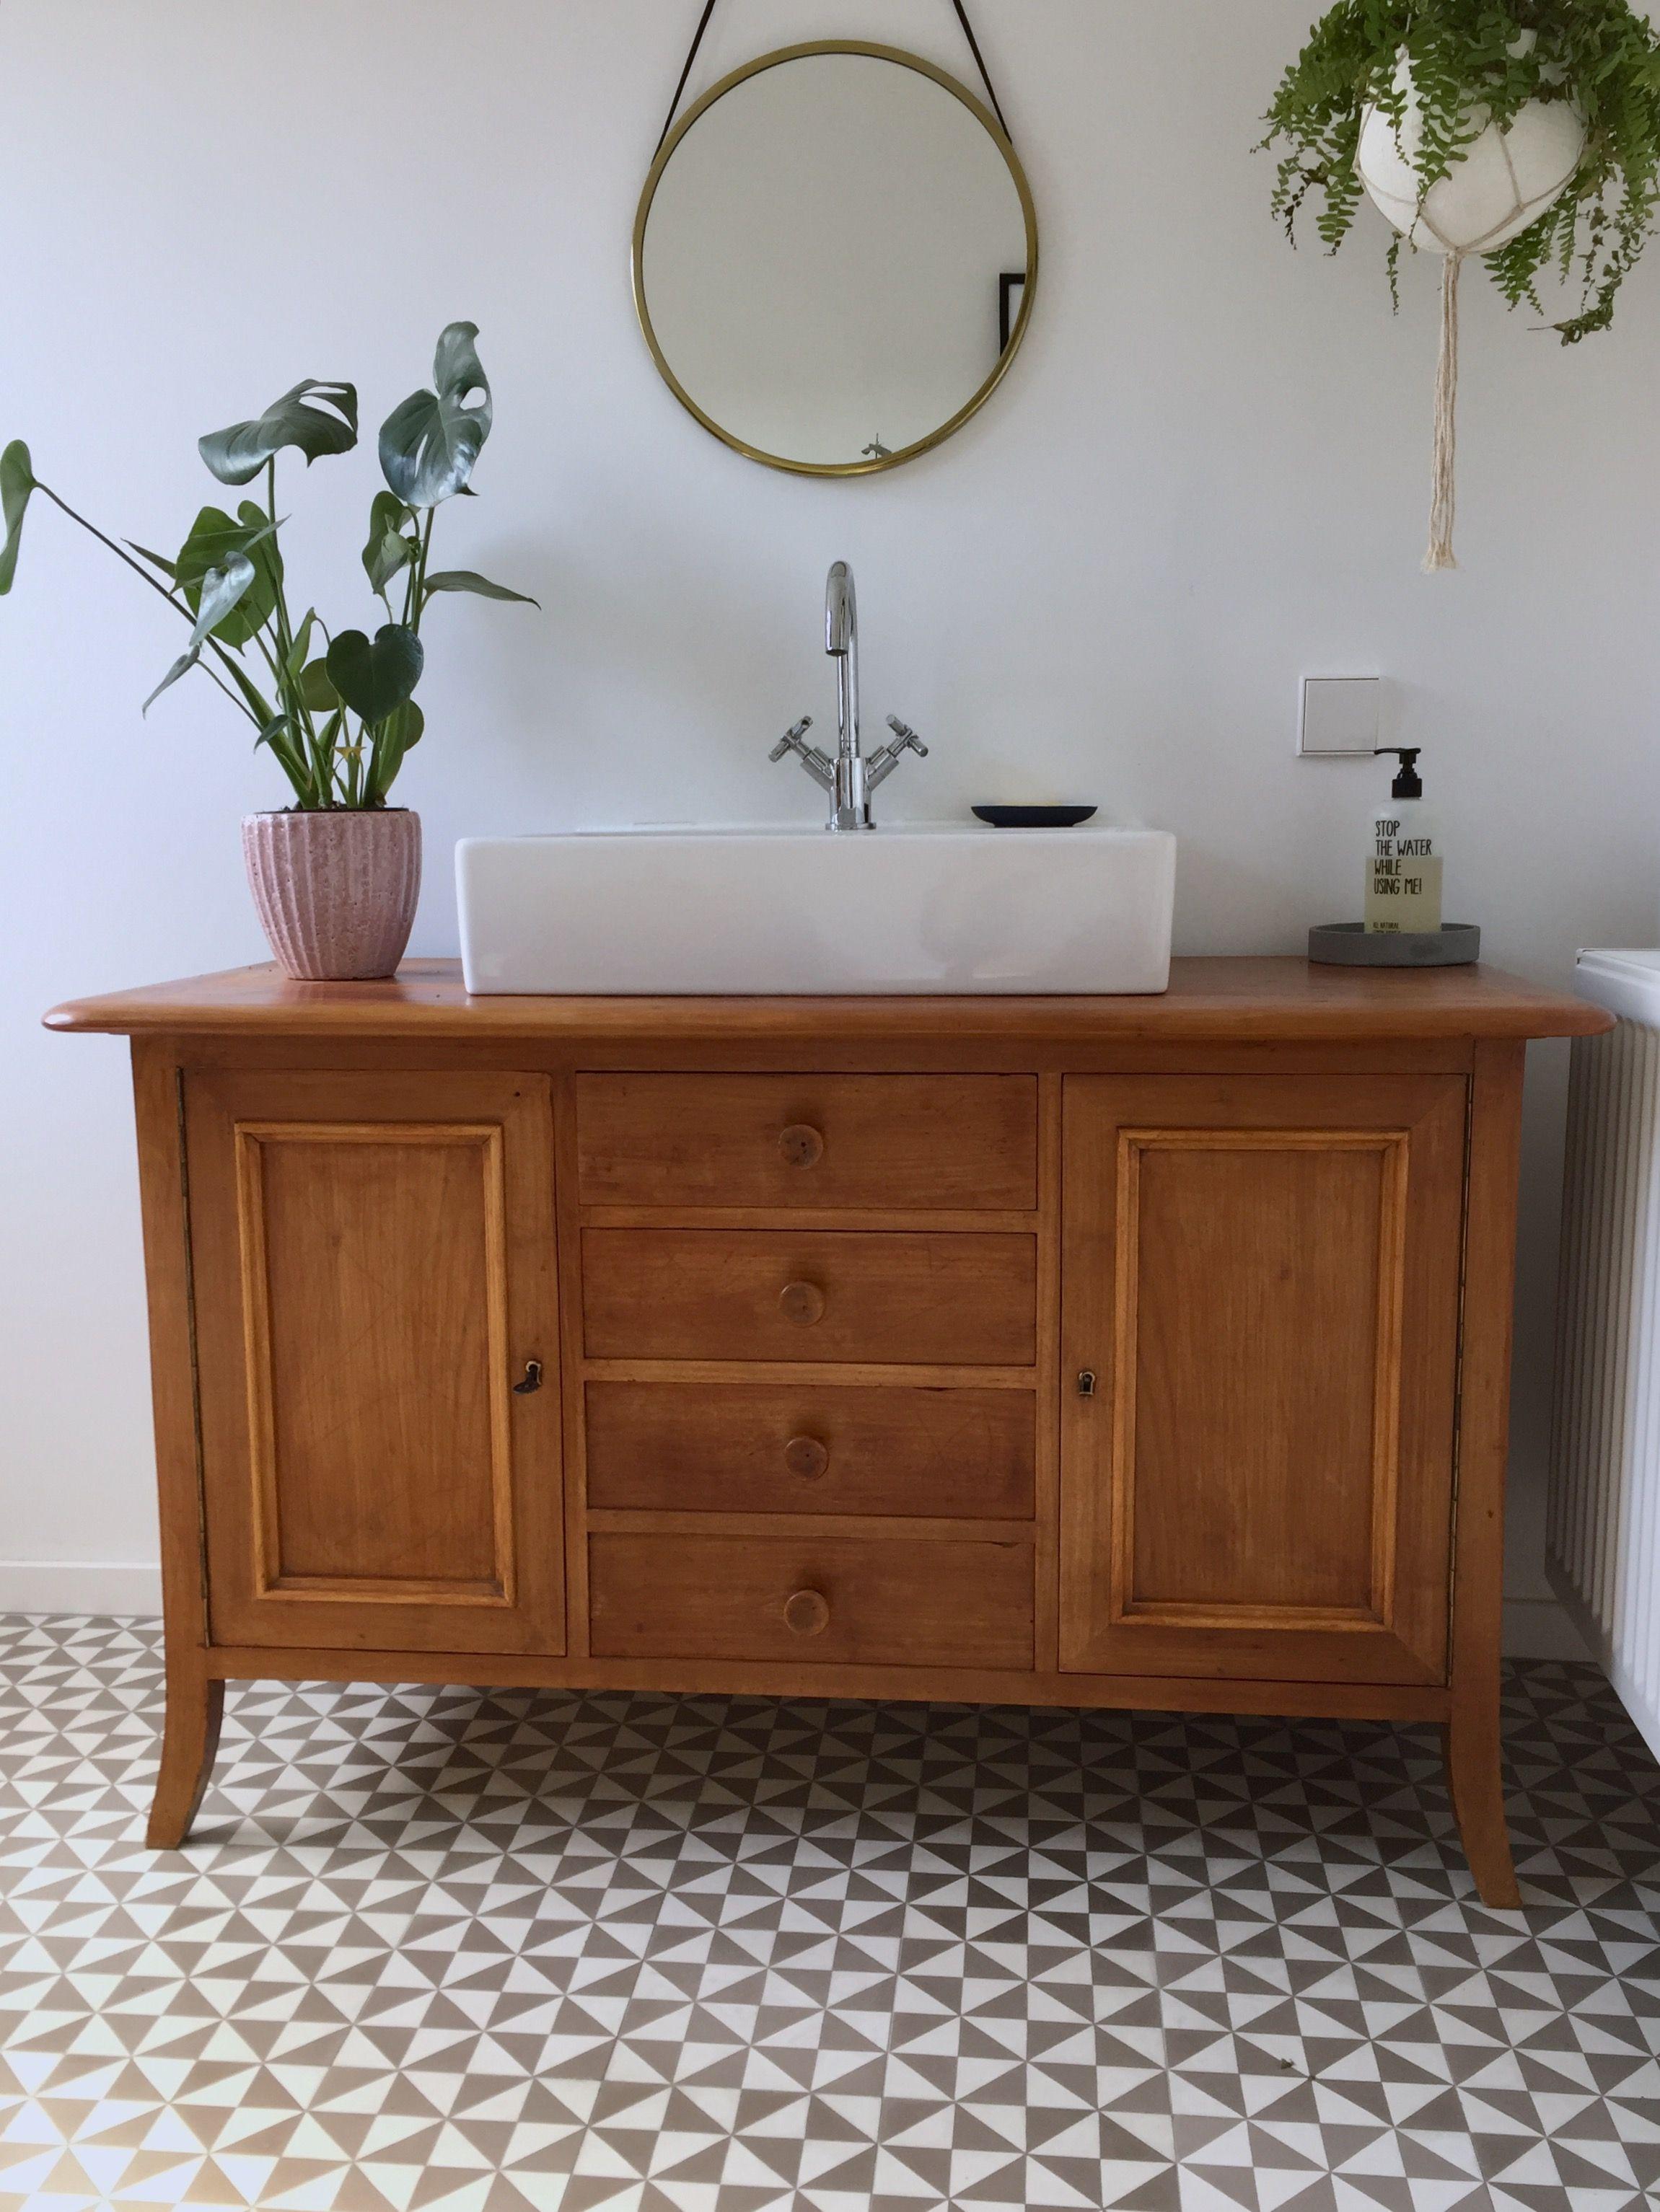 Green Bathroom Badezimmer Im Erdgeschoss Badezimmer Dekor Waschtisch